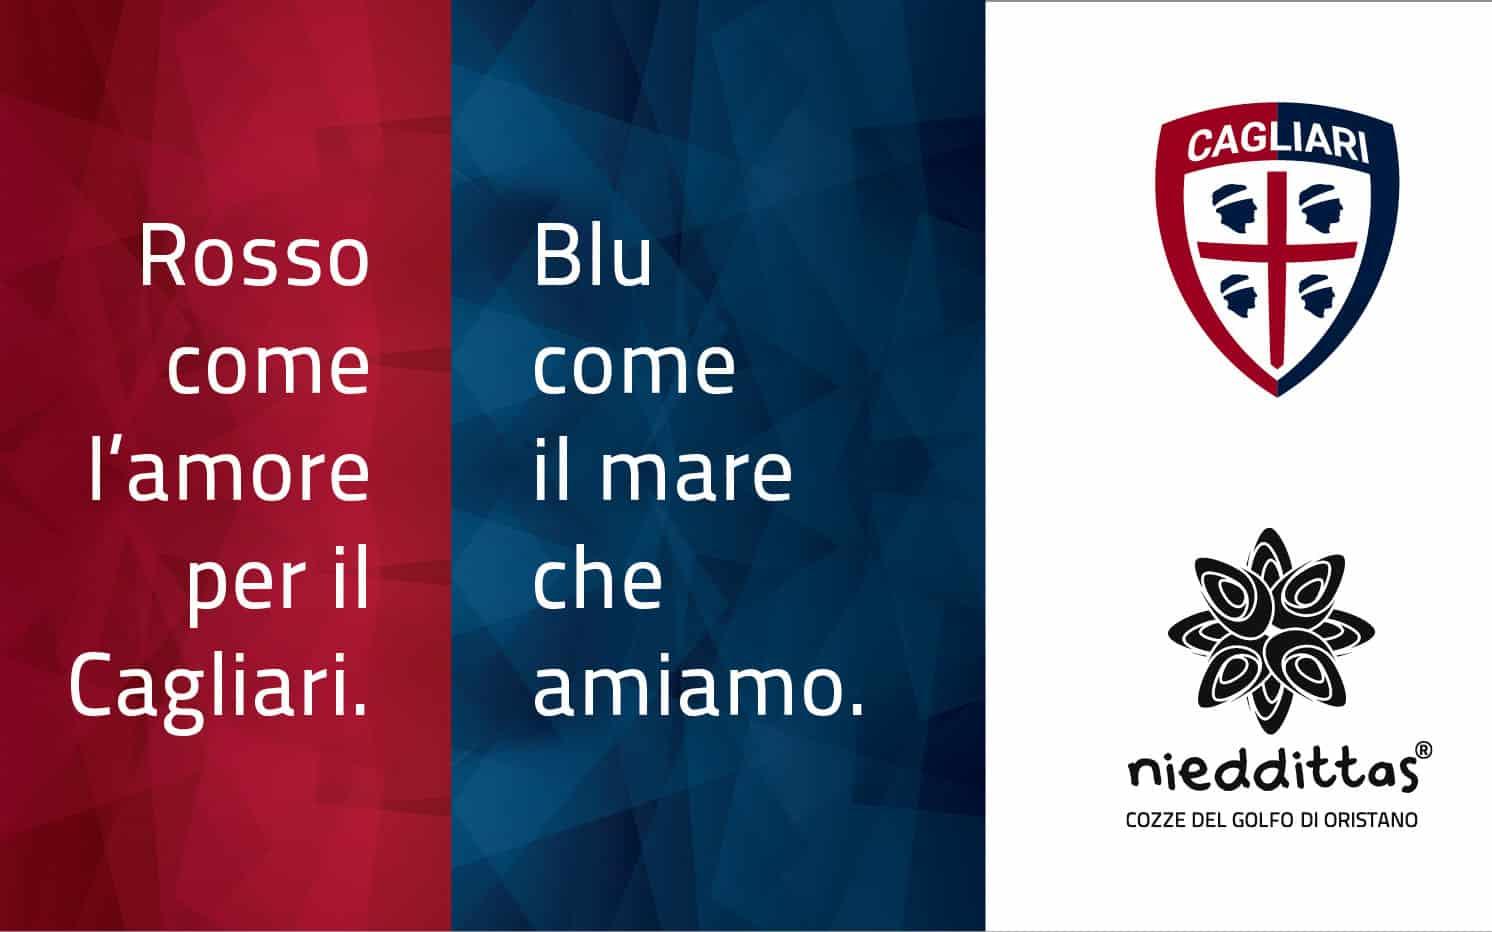 Cagliari Calcio: Nieddittas nuovo sponsor per i prossimi 3 anni.